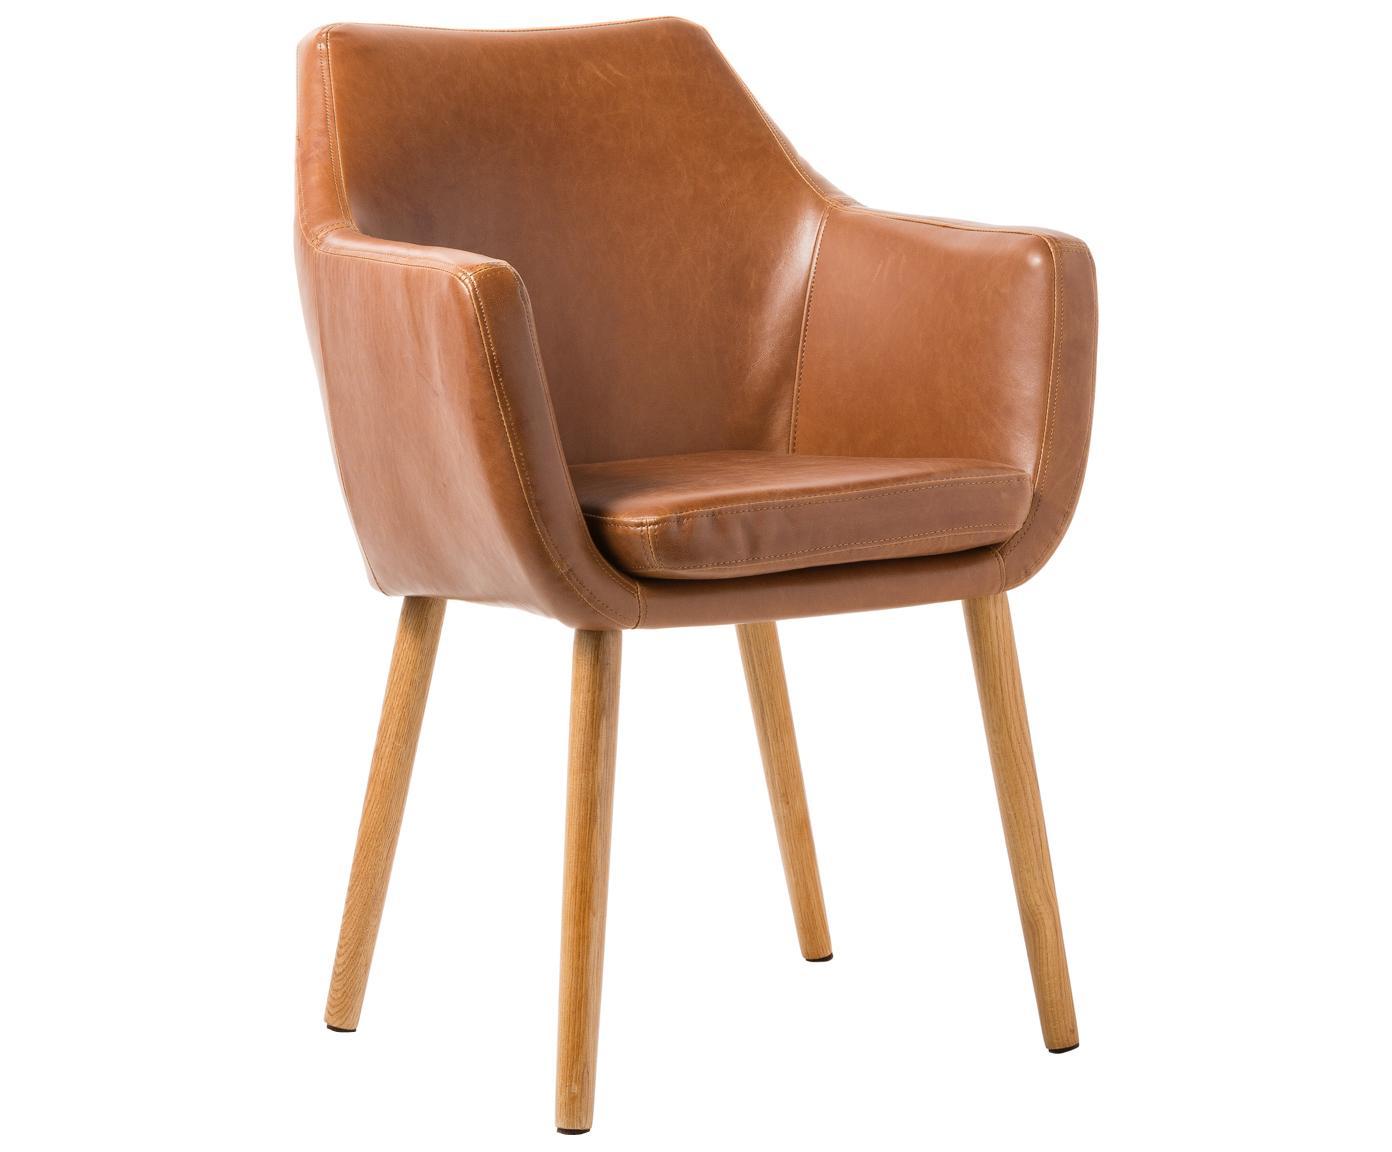 Sedia con braccioli  Nora, Rivestimento: pelle ecologica (poliuret, Gambe: legno di quercia, Pelle sintetica colore cognac, gambe in rovere, Larg. 56 x Alt. 55 cm